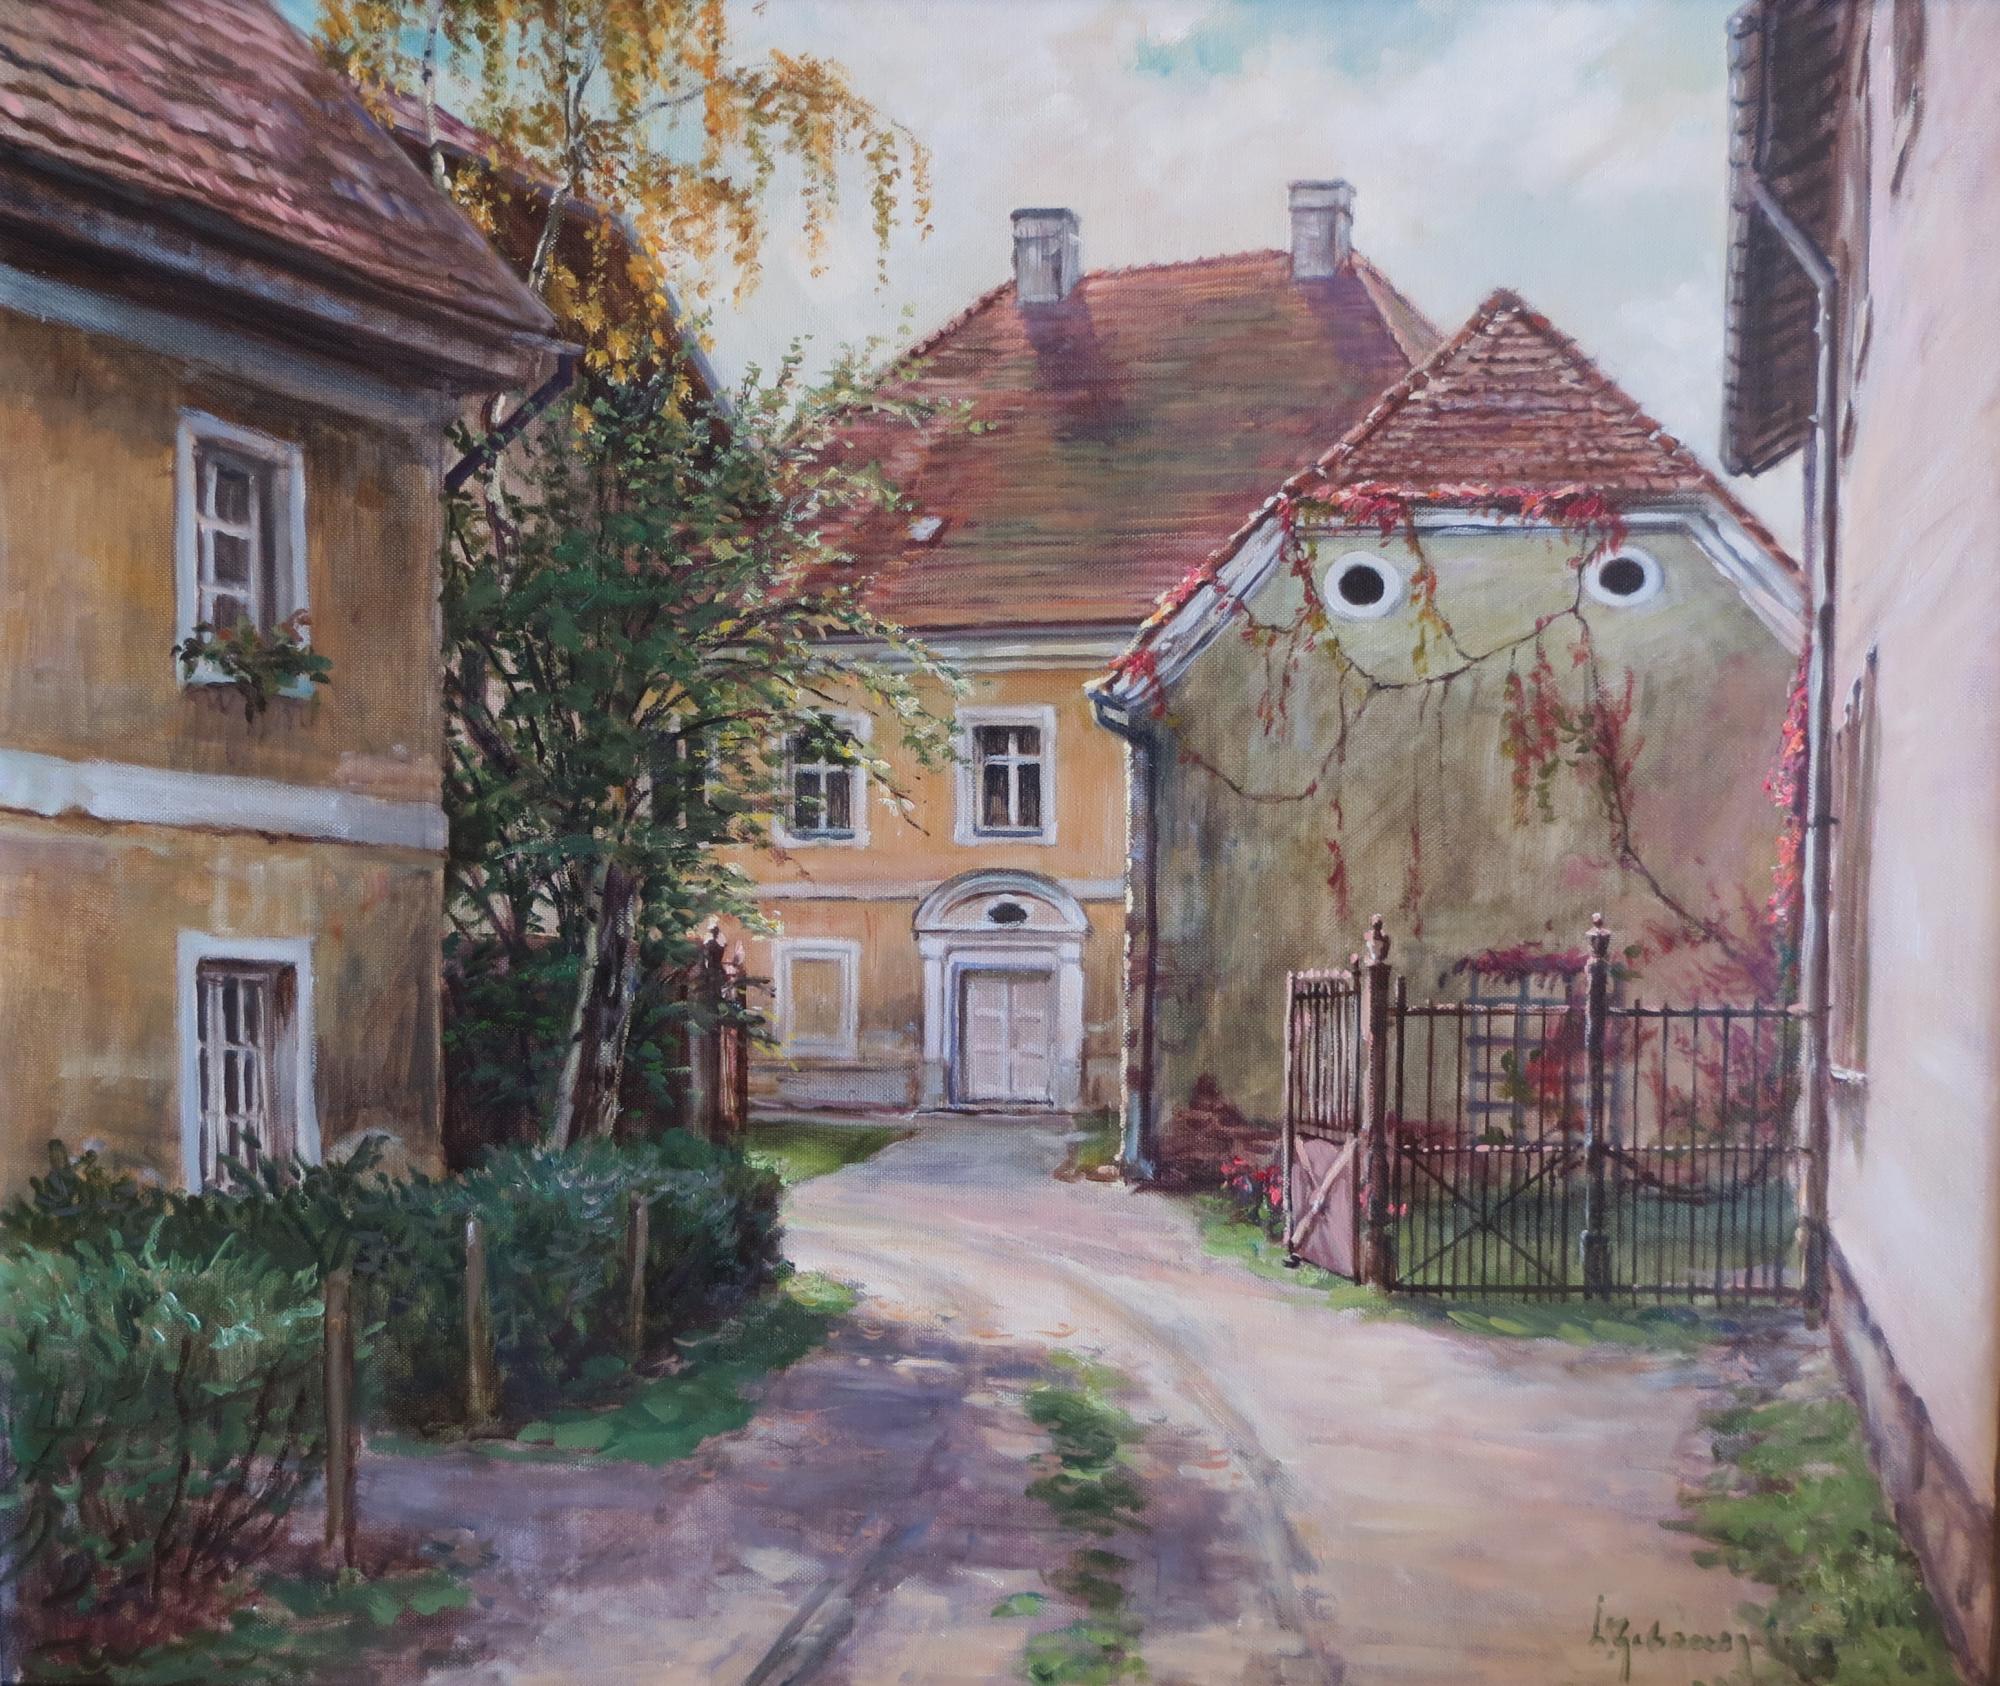 Pocking Pfarrhof Gemälde zugeschnitten